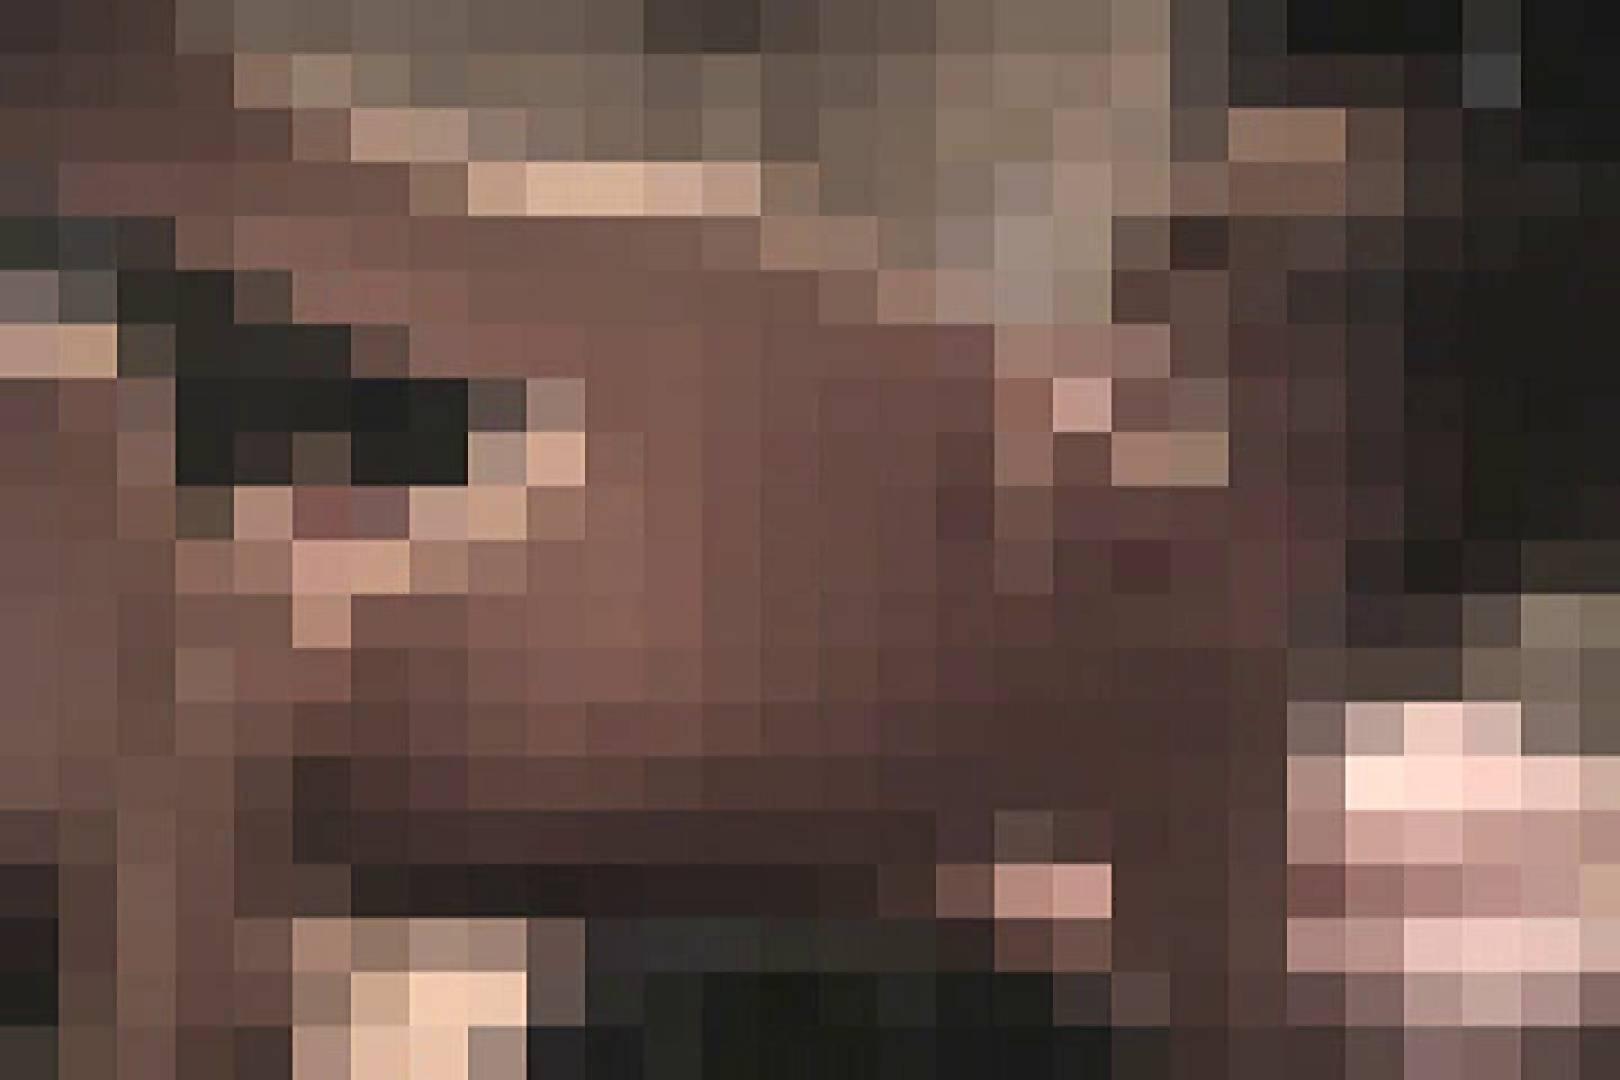 クリ責めおしっこ嬢・バージン短大生 ゆい20才Vol.1 パイパン娘 おまんこ無修正動画無料 111連発 18